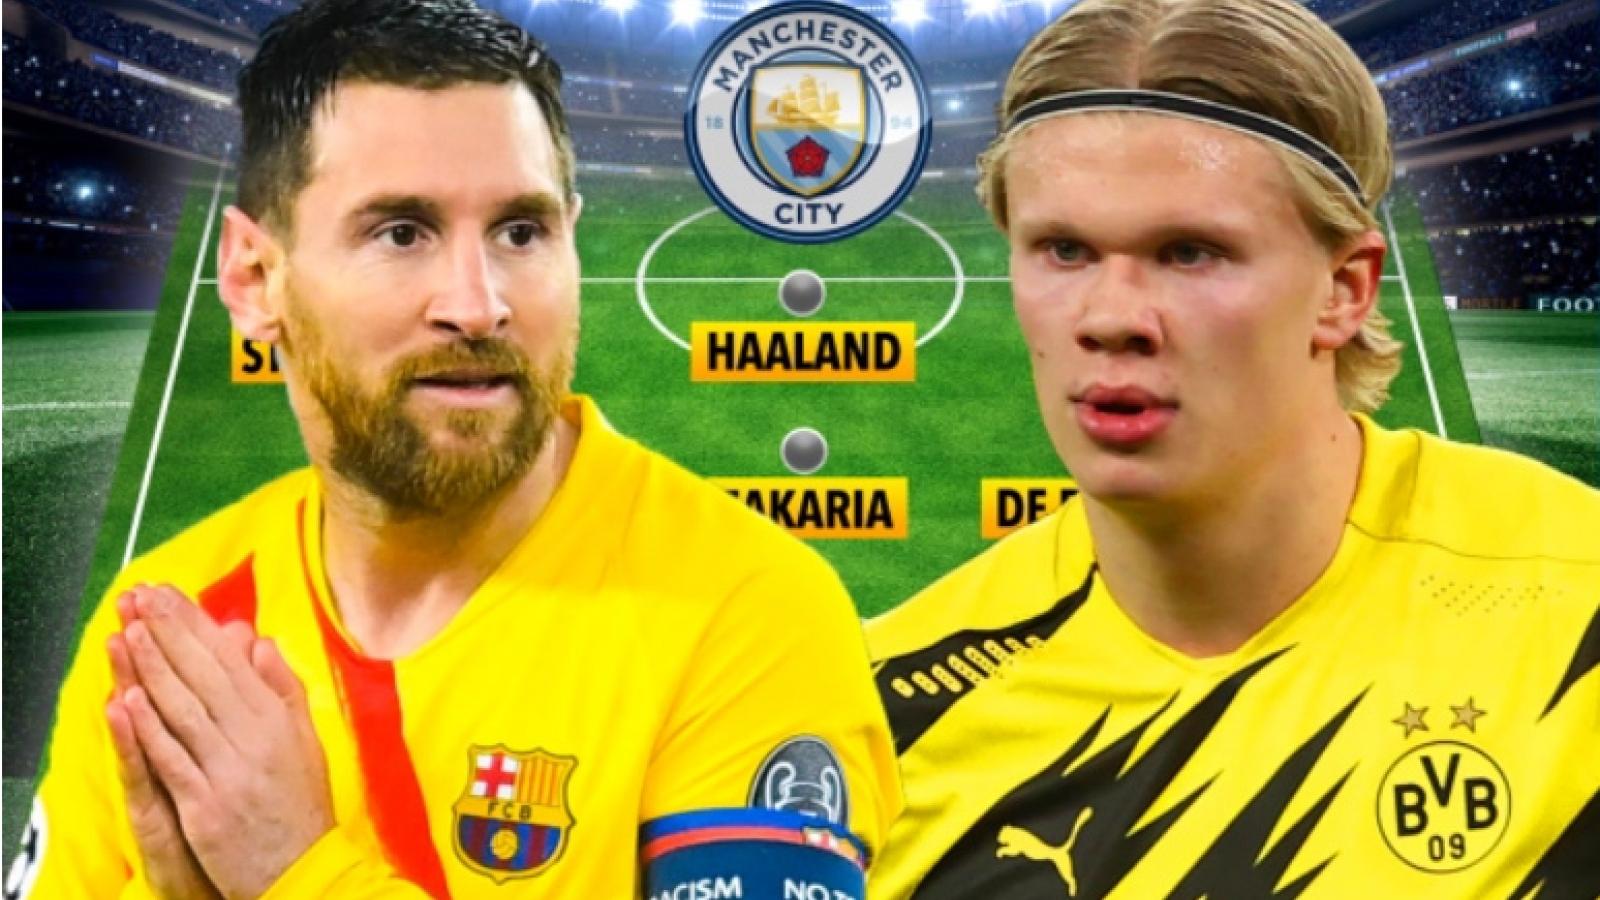 """Đội hình """"siêu khủng"""" của Man City khi có Messi và người thay thế Aguero"""